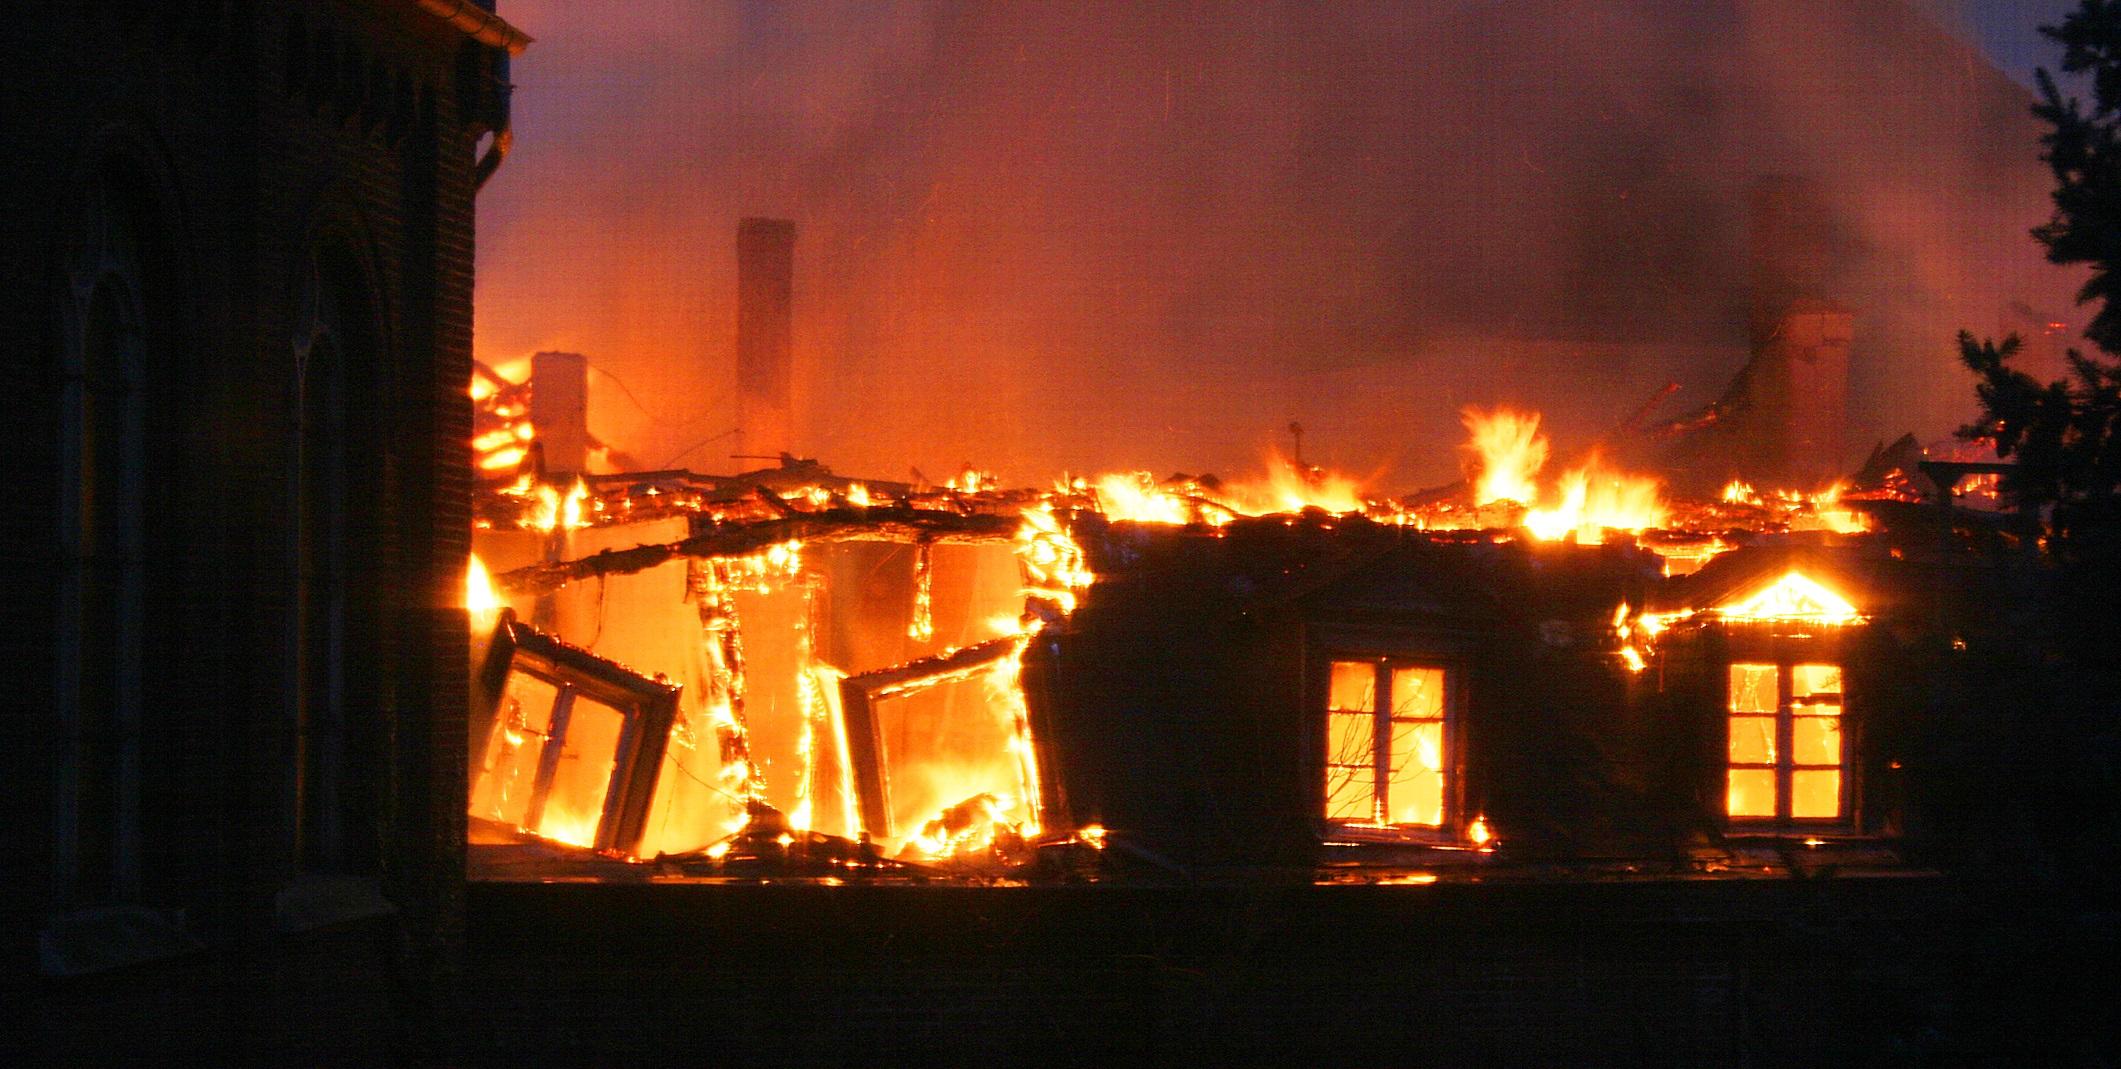 Fire in Schutterijmuseum at Steyl, Limburg, the Netherlands (photo: Heinz Helf)